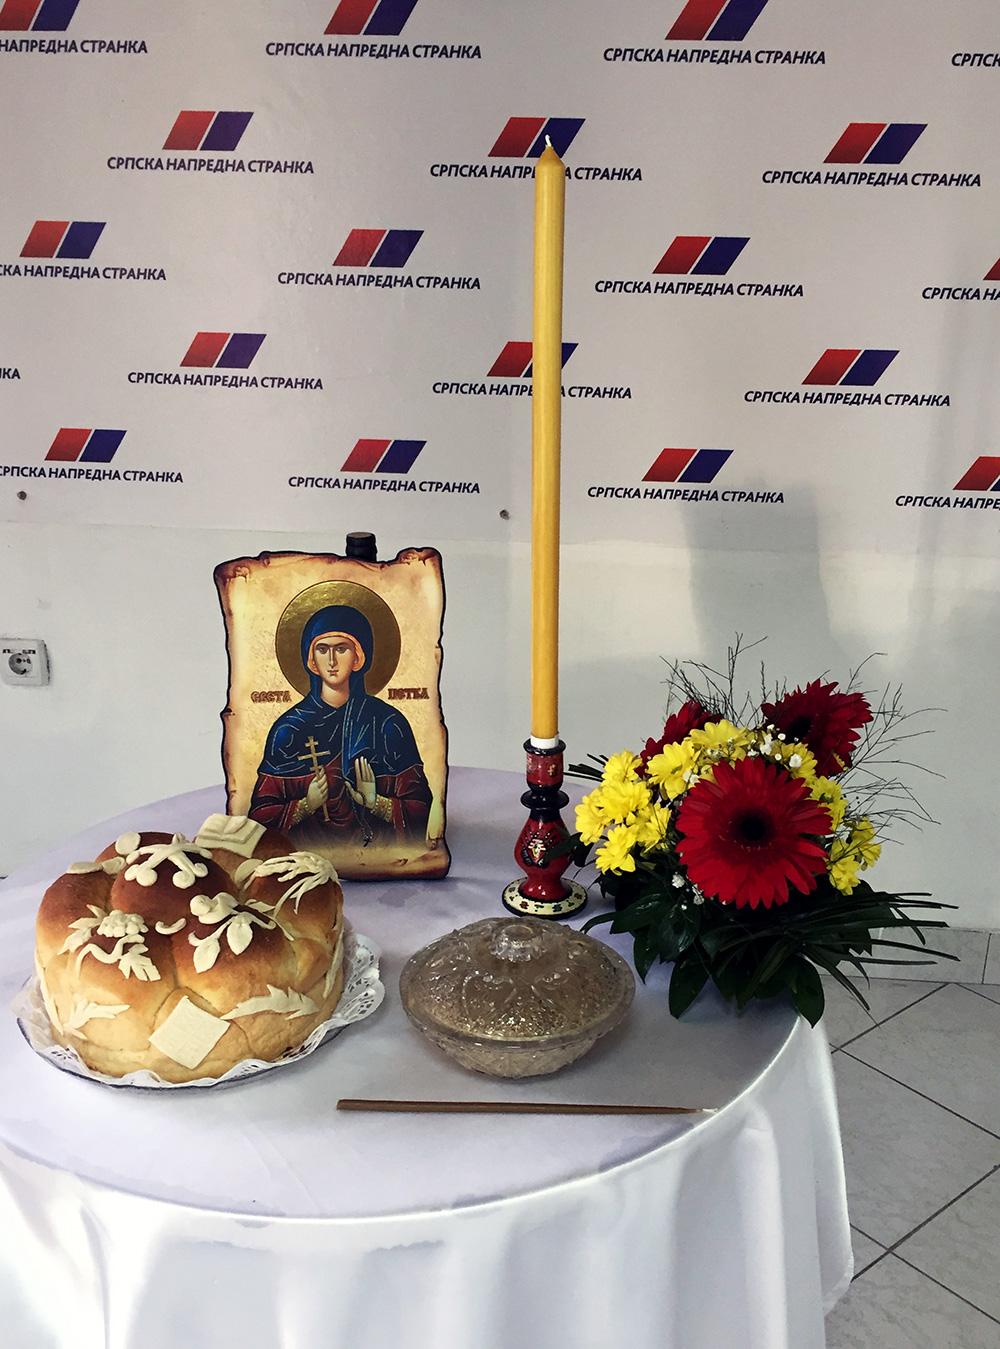 Света Петка – Слава СНС-а